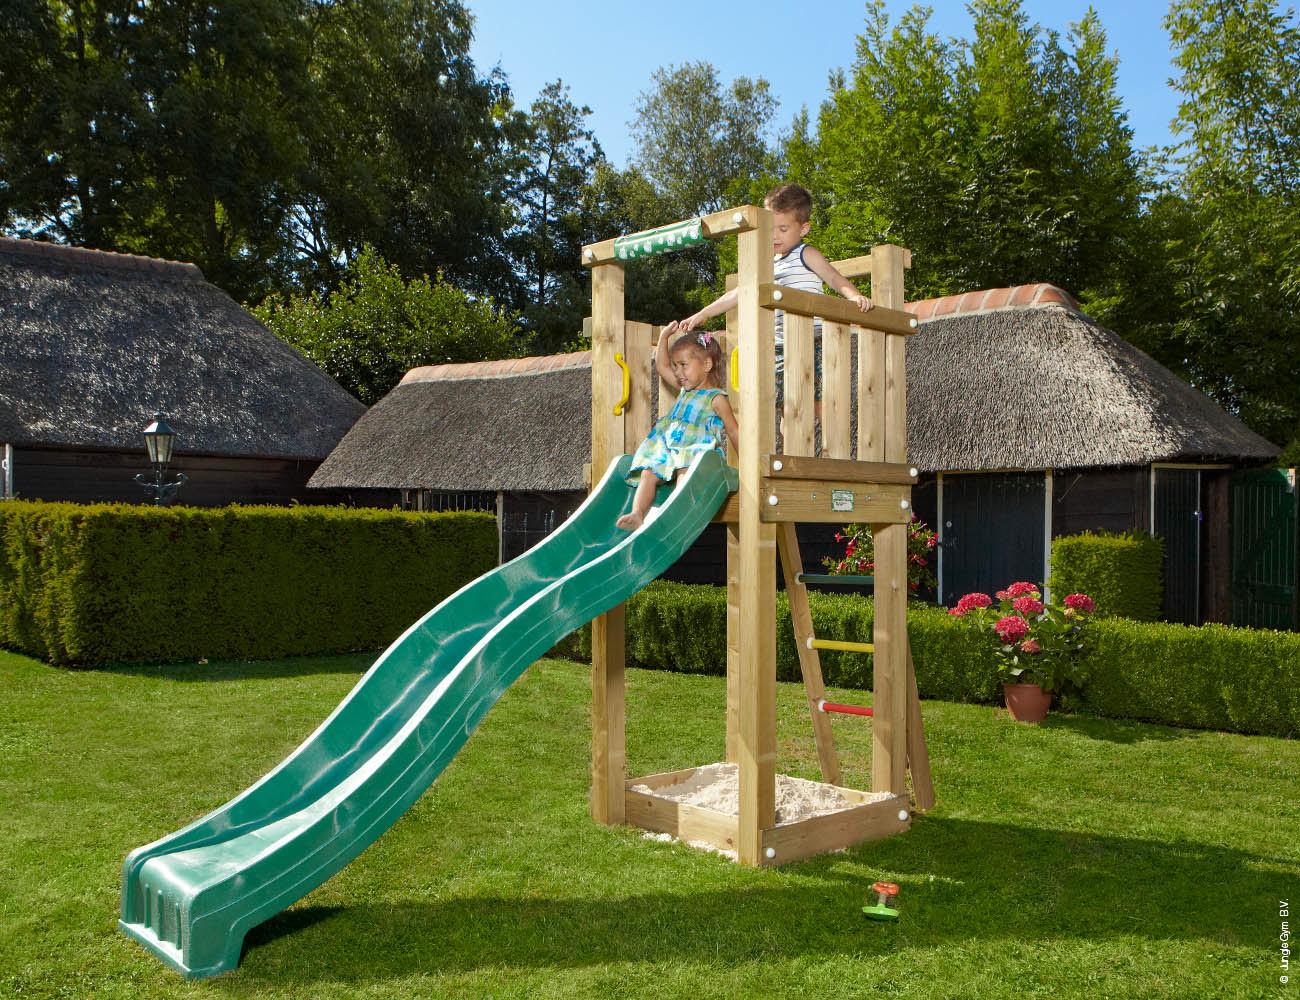 Full Size of Spielturm Bauhaus Garten Holz Test Ebay Gebraucht Kinderspielturm Fenster Wohnzimmer Spielturm Bauhaus